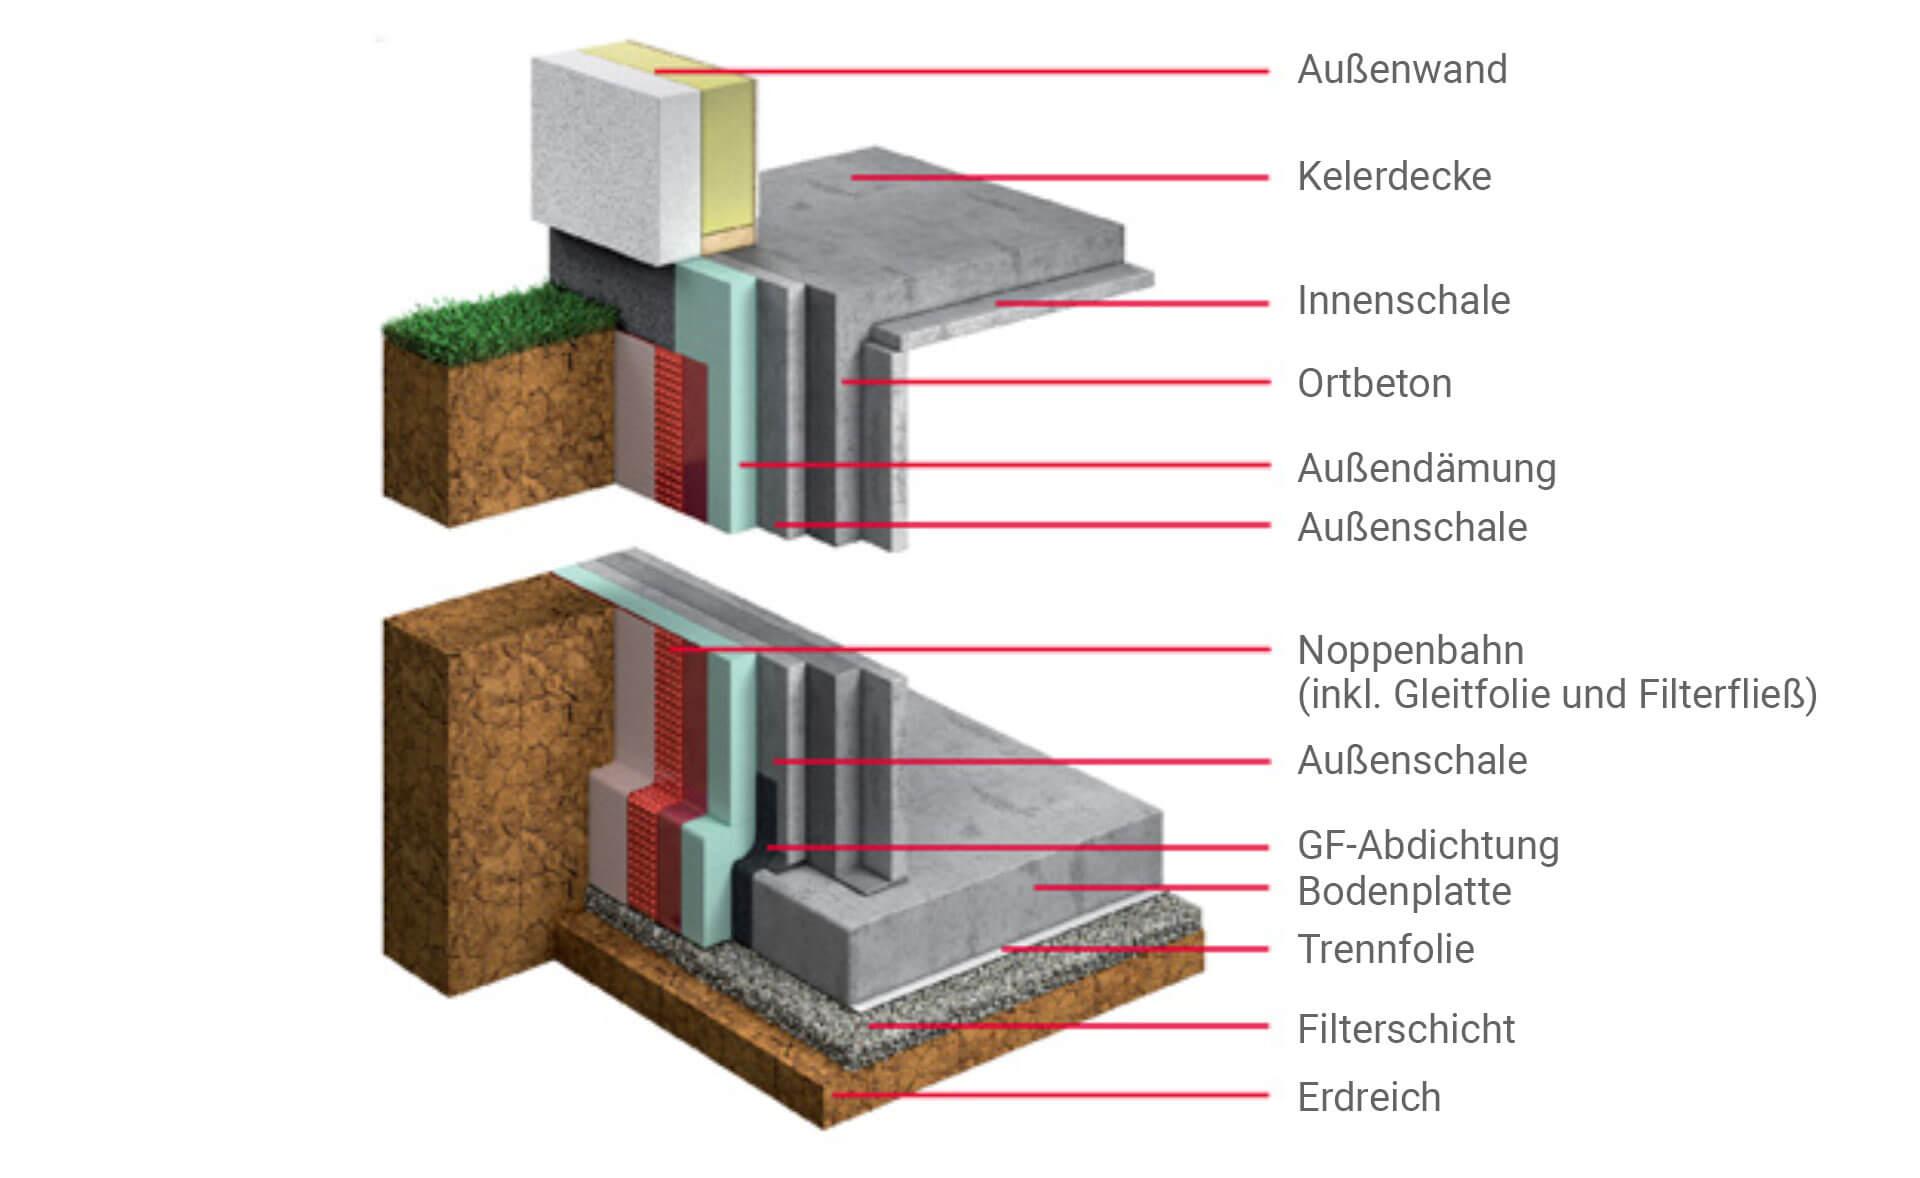 Aufbau Keller mit Nummerierung